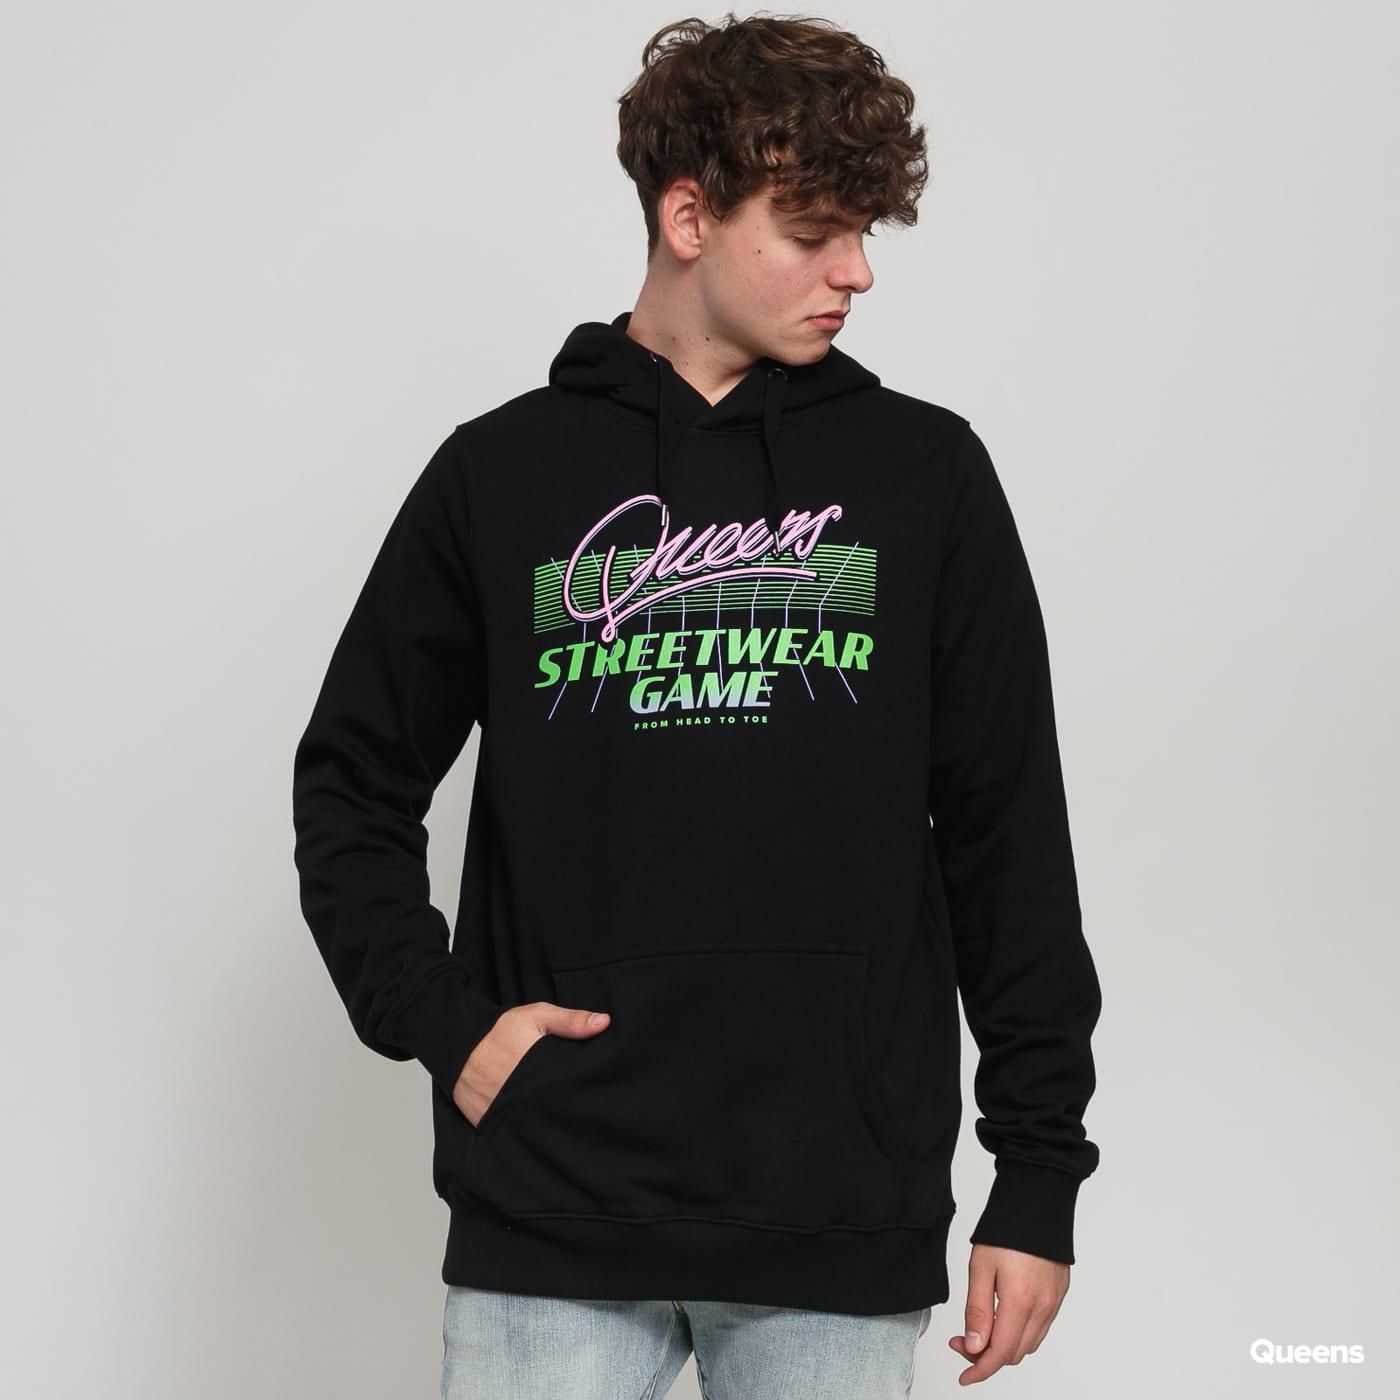 Queens Streetwear Game Hoodie black